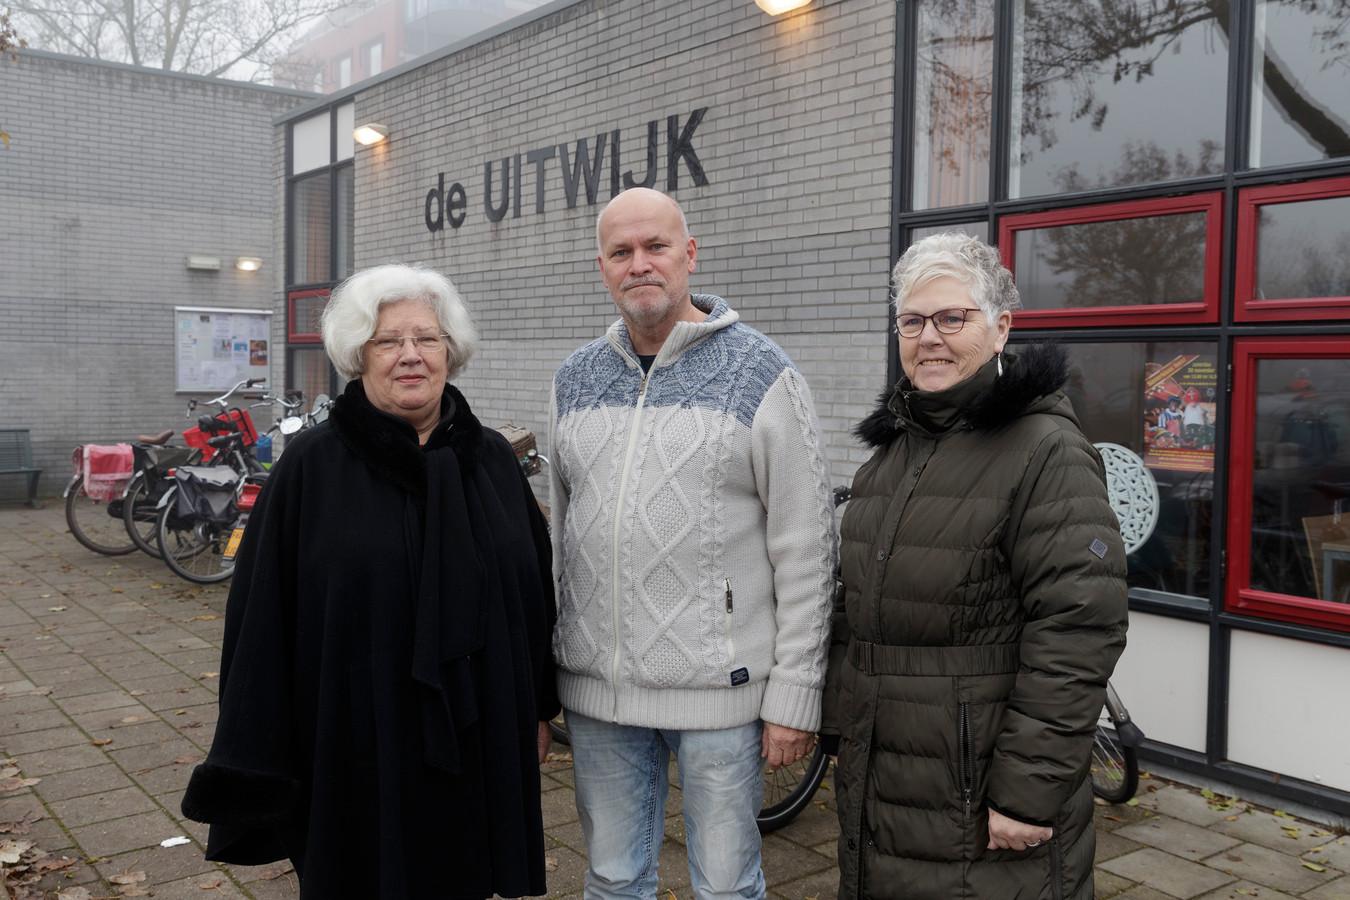 Wijkcentrum de Uitwijk in de Zuidwijken is in gevaar, stellen (vlnr) voorzitter Tonnie Looijenga, Ben Peters en Minie Wenneker.